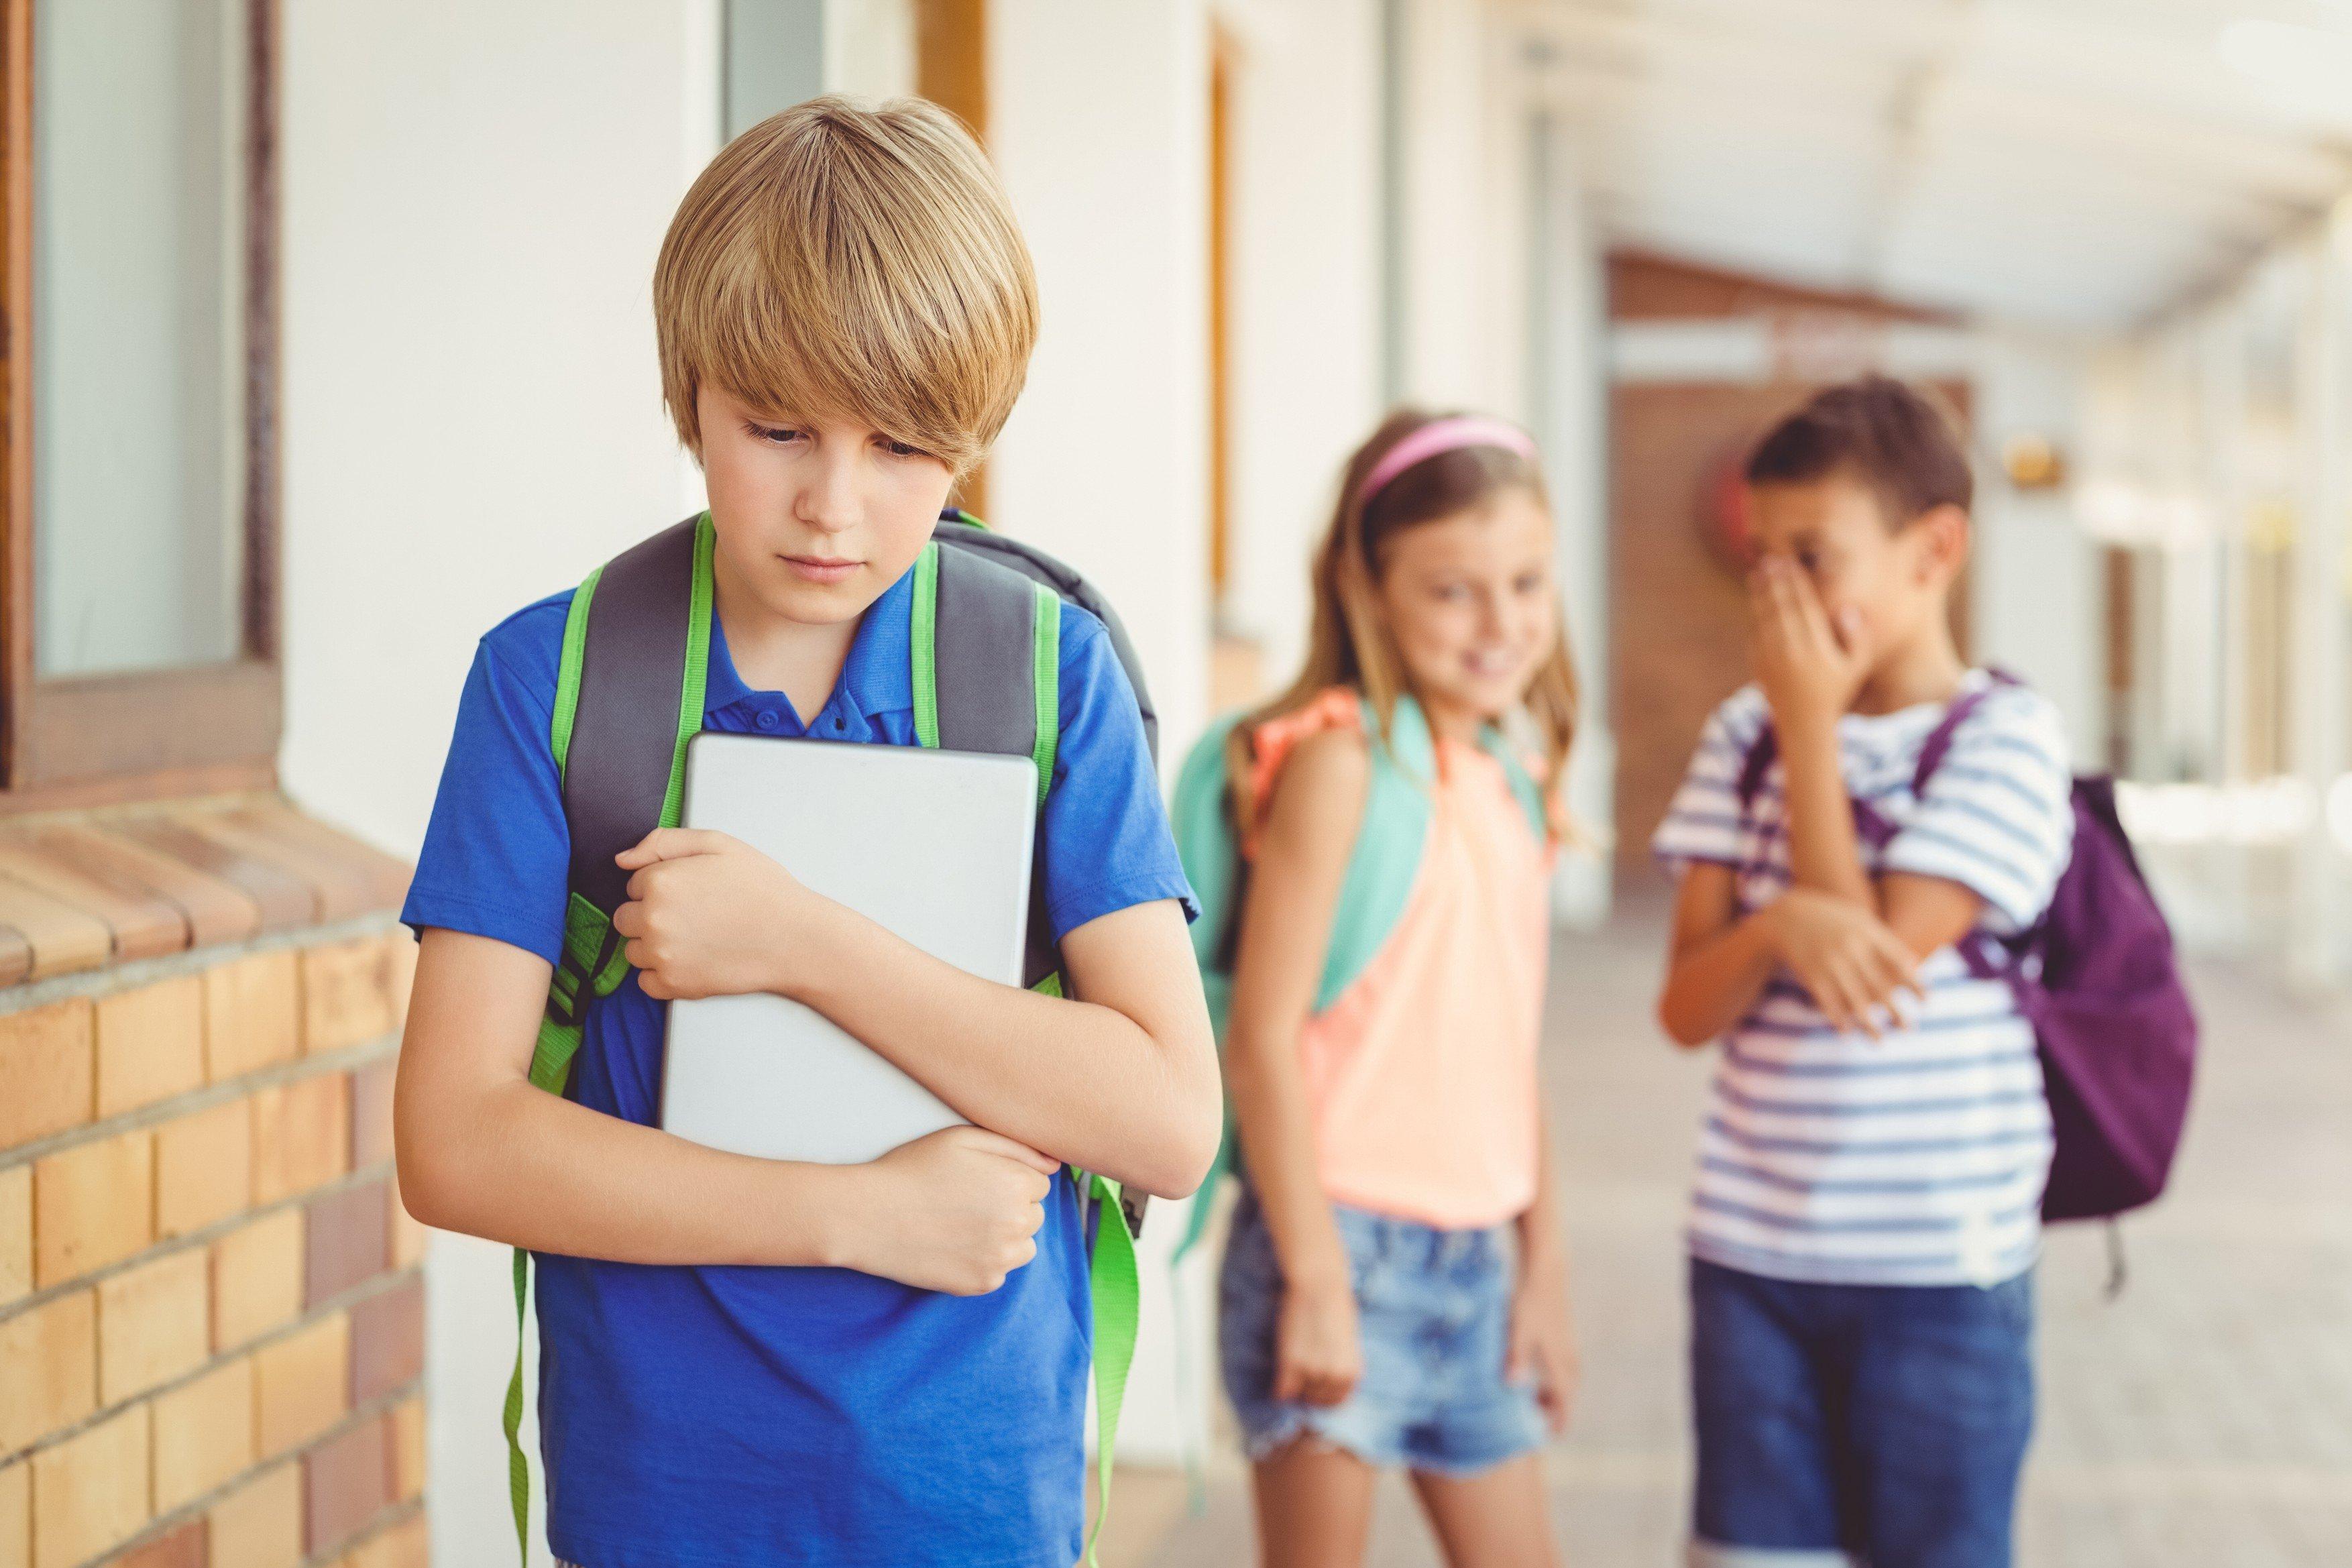 šikana, škola, spolužáci, smutek